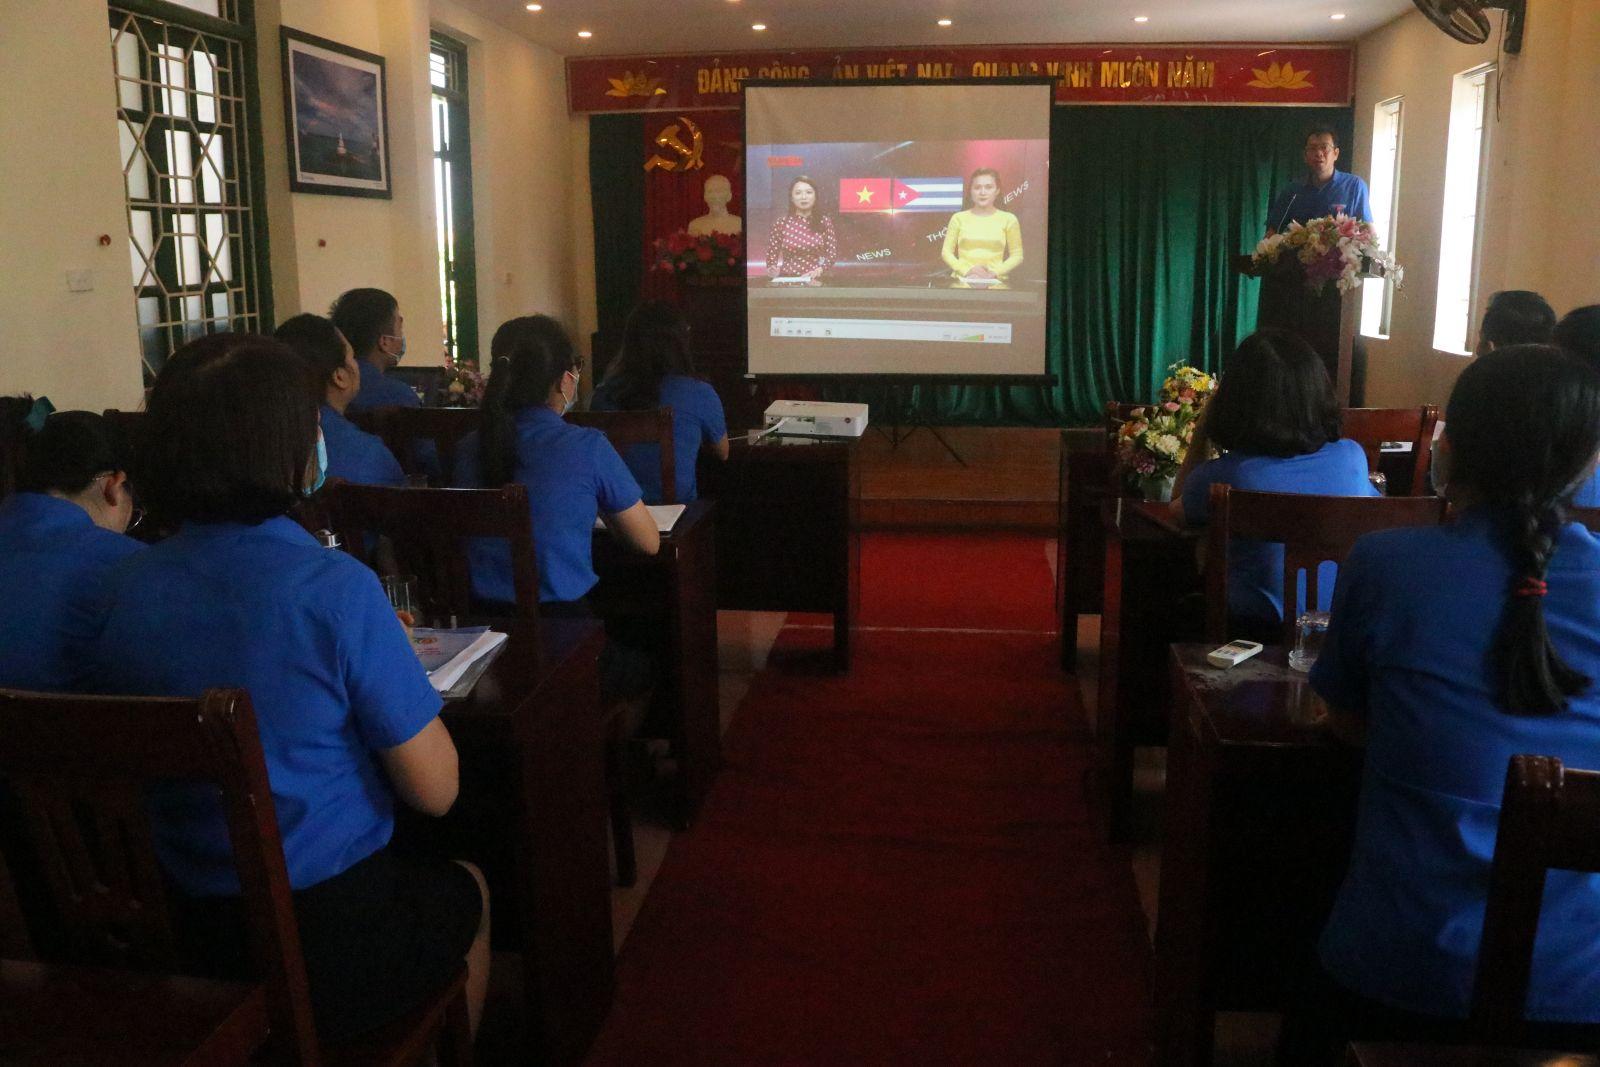 Tỉnh đoàn tổ chức hội nghị tuyên truyền kỷ niệm 60 năm  thiết lập quan hệ giữa 2 nước Việt Nam – Cu Ba và kỷ niệm 75 năm  thành lập ngành ngoại giao Việt Nam (28/8/1945 – 28/8/2020)